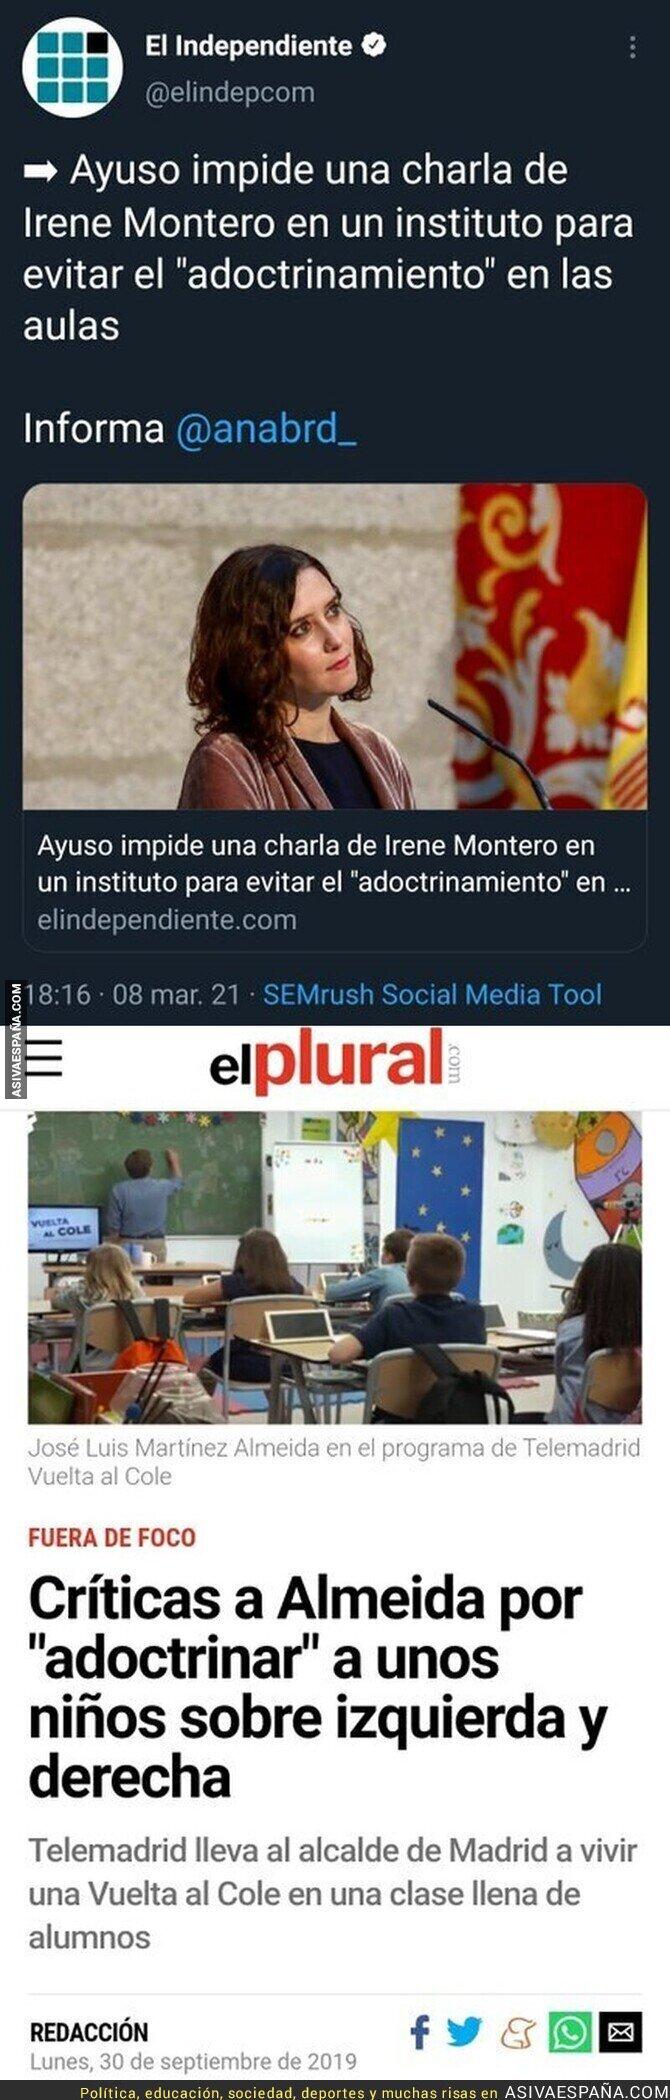 636963 - El adoctrinamiento en Madrid